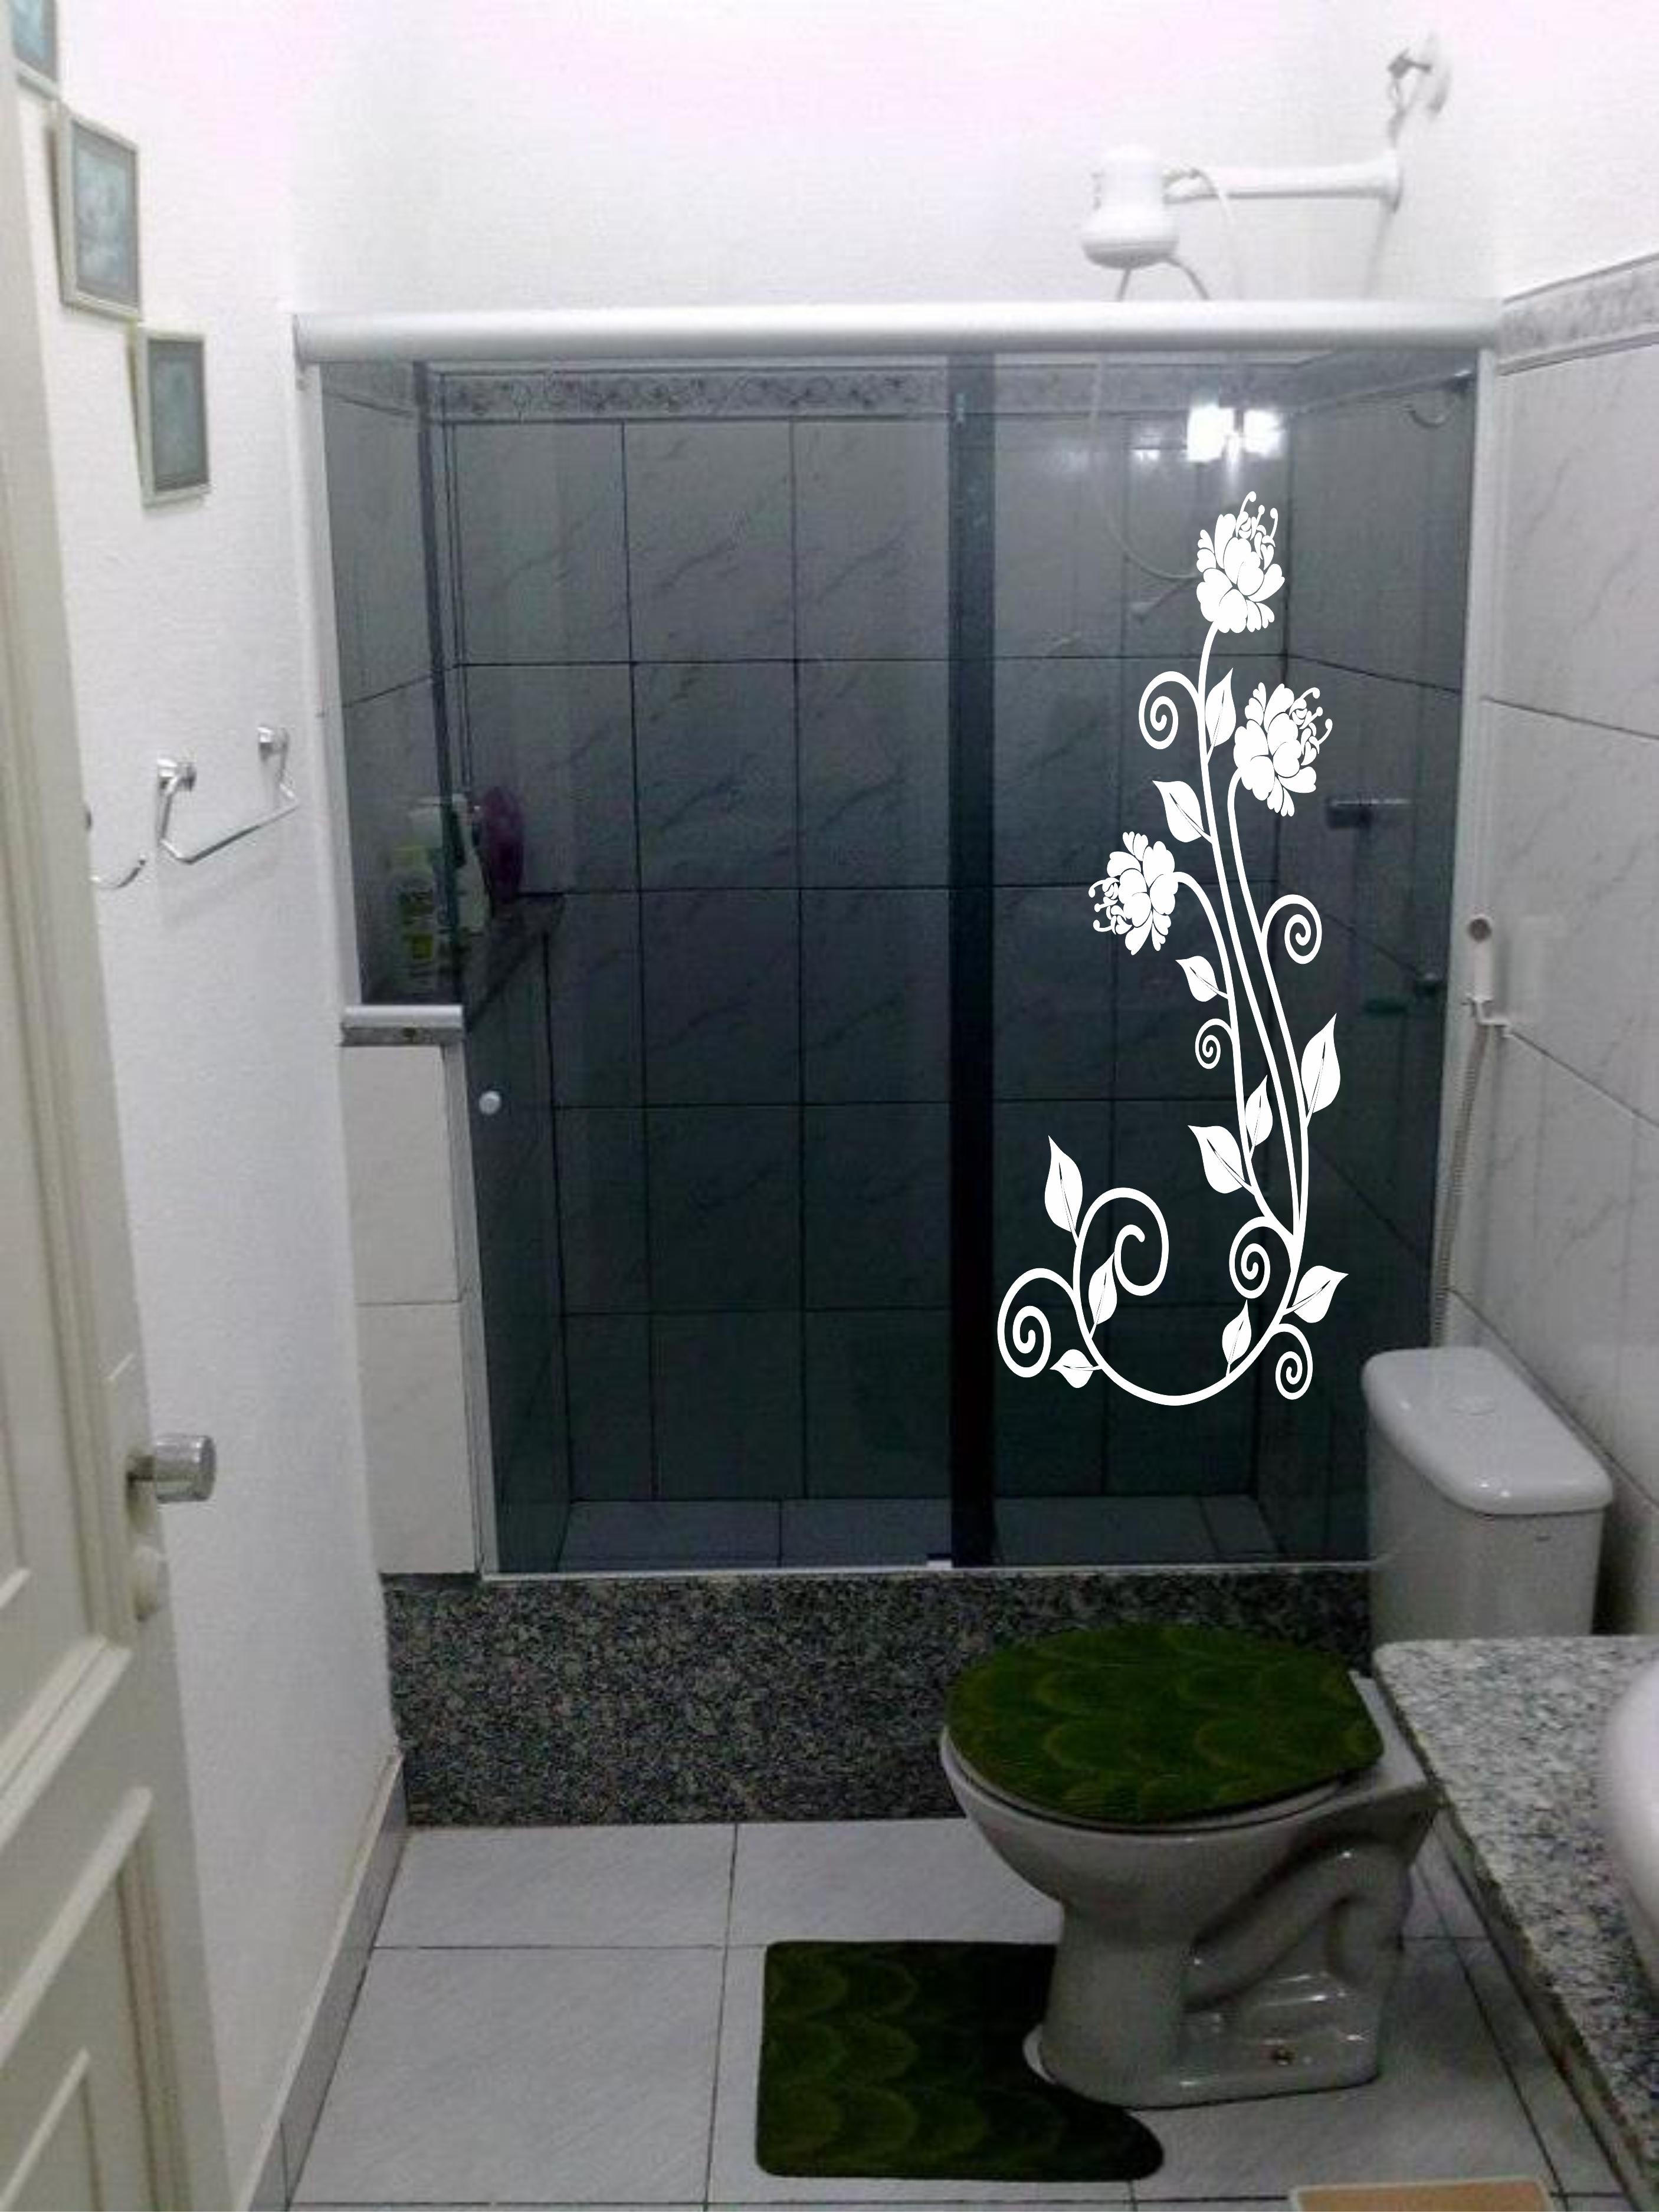 Imagens de #665C4C Adesivo Box Blindex banheiro Adesivos Sempre Viva Elo7 2812x3750 px 3558 Blindex Banheiro Belem